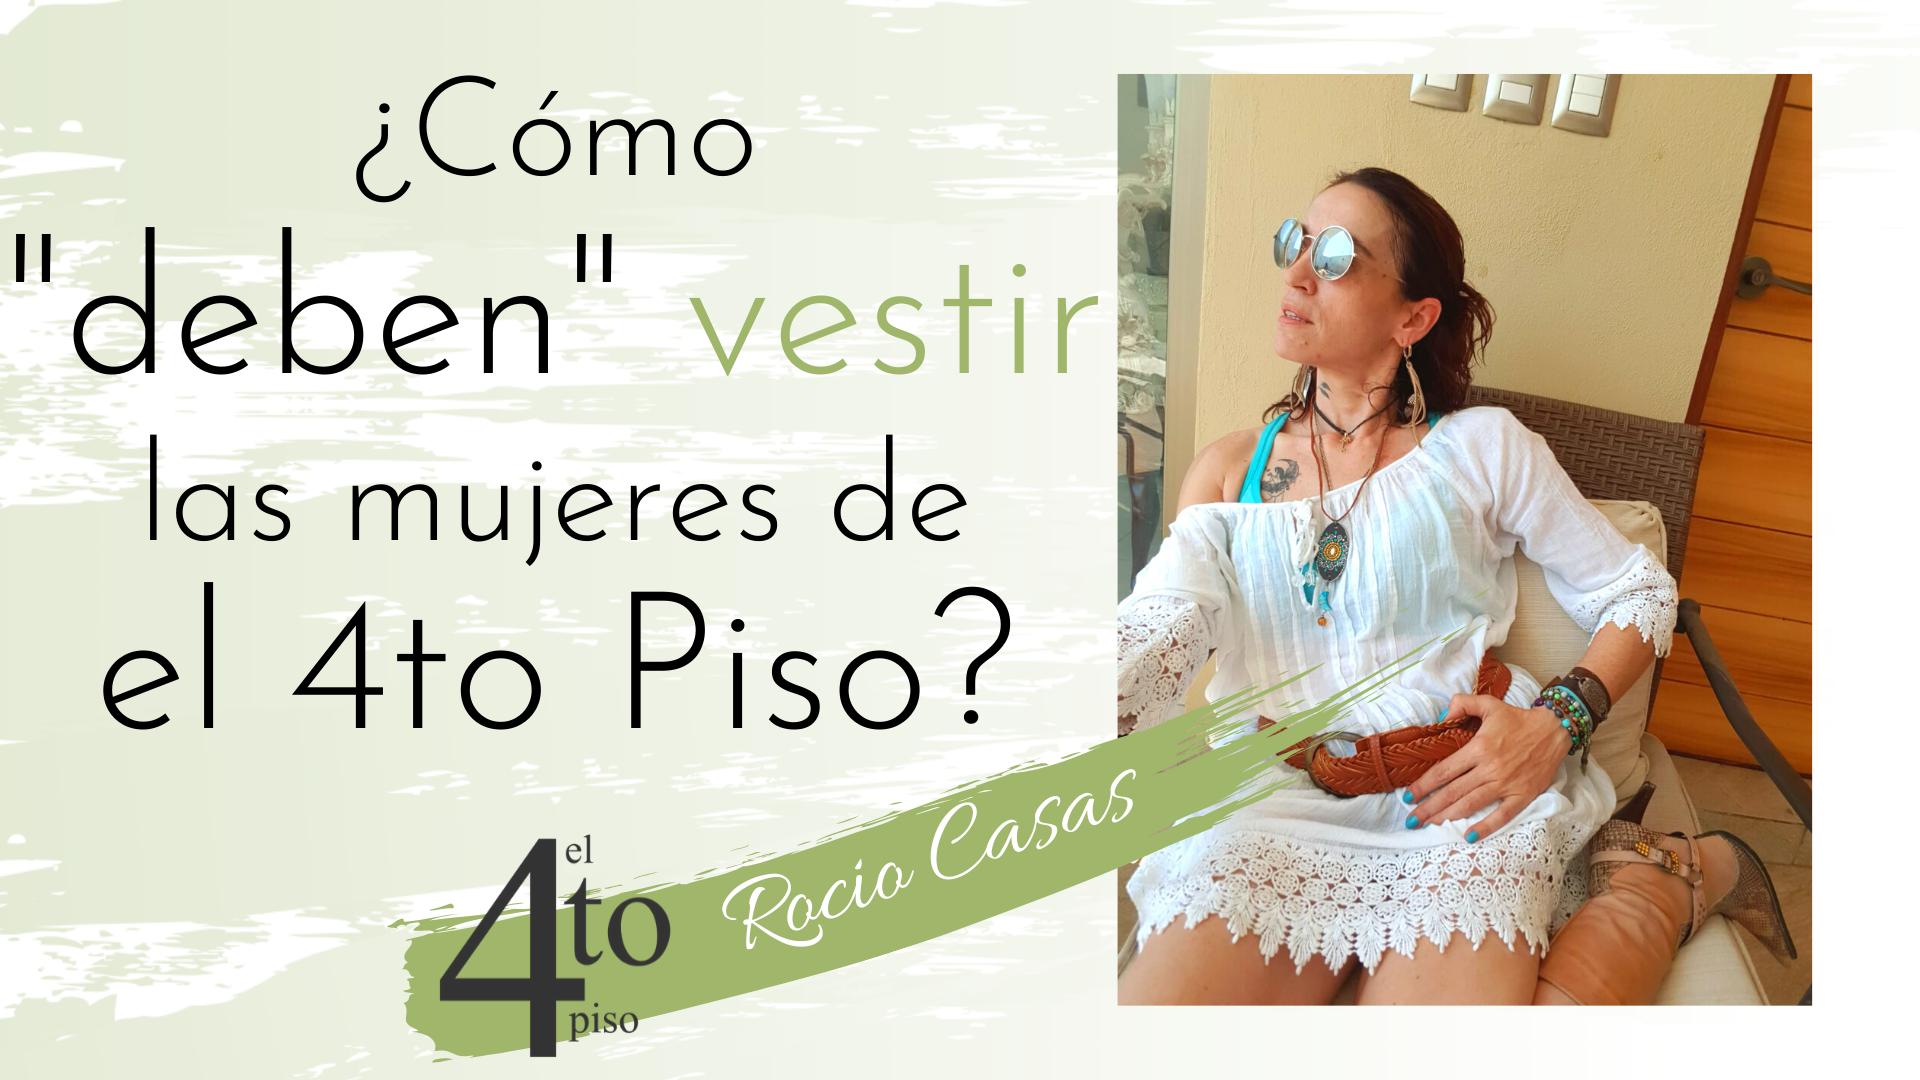 cómo deben vestir las mujeres de el 4to piso Rocio Casas